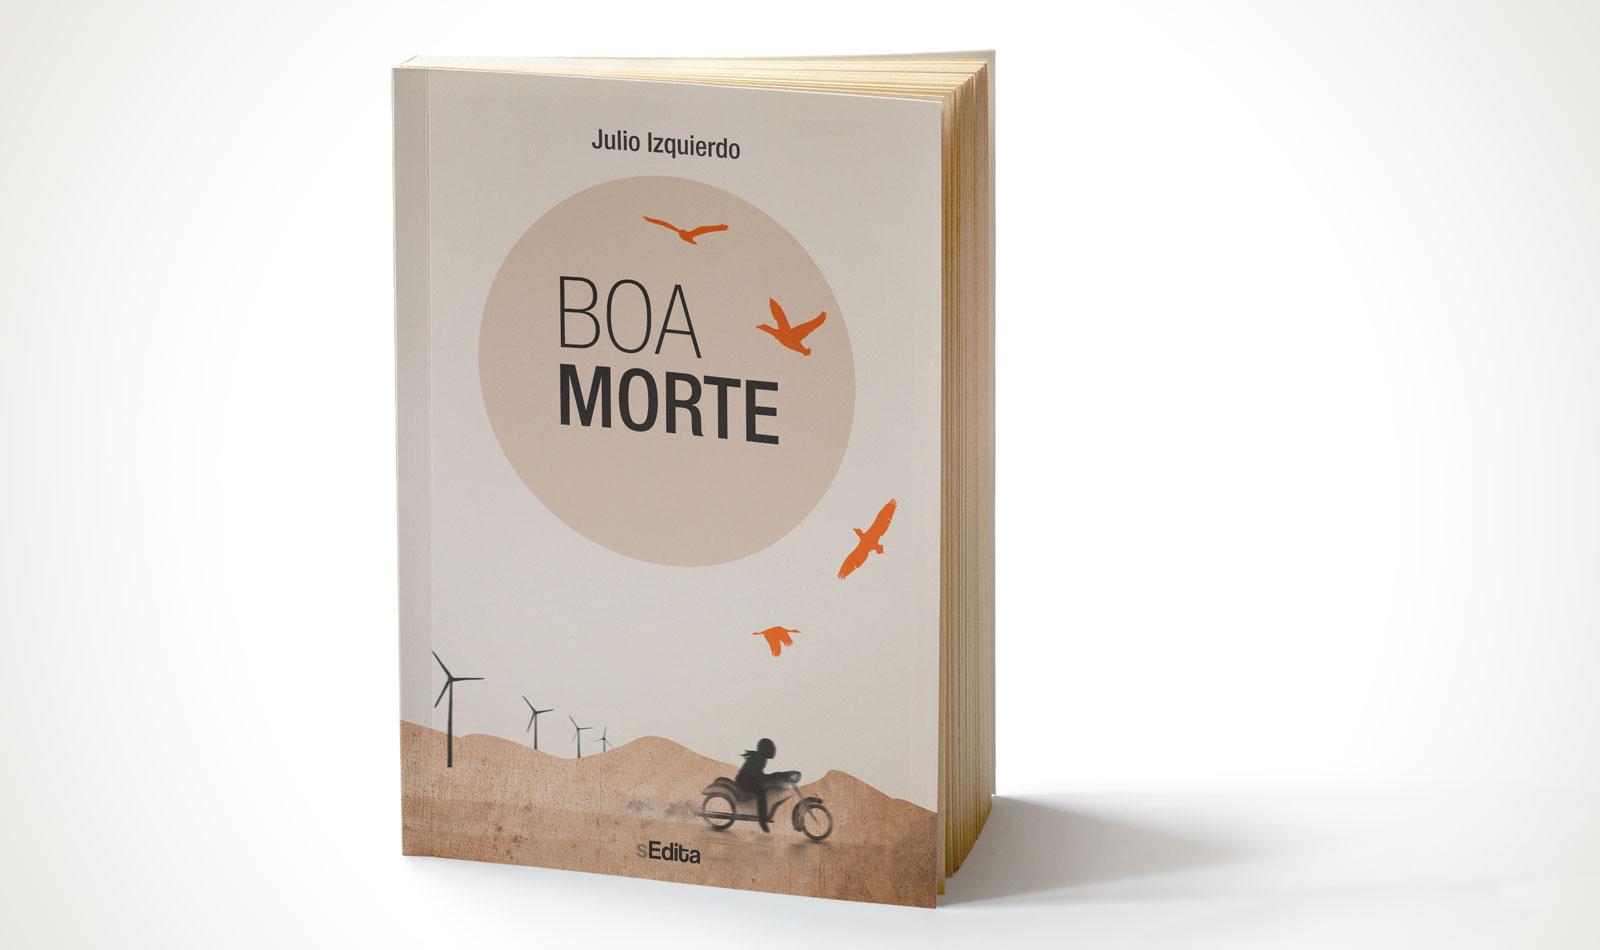 libro_Julio1